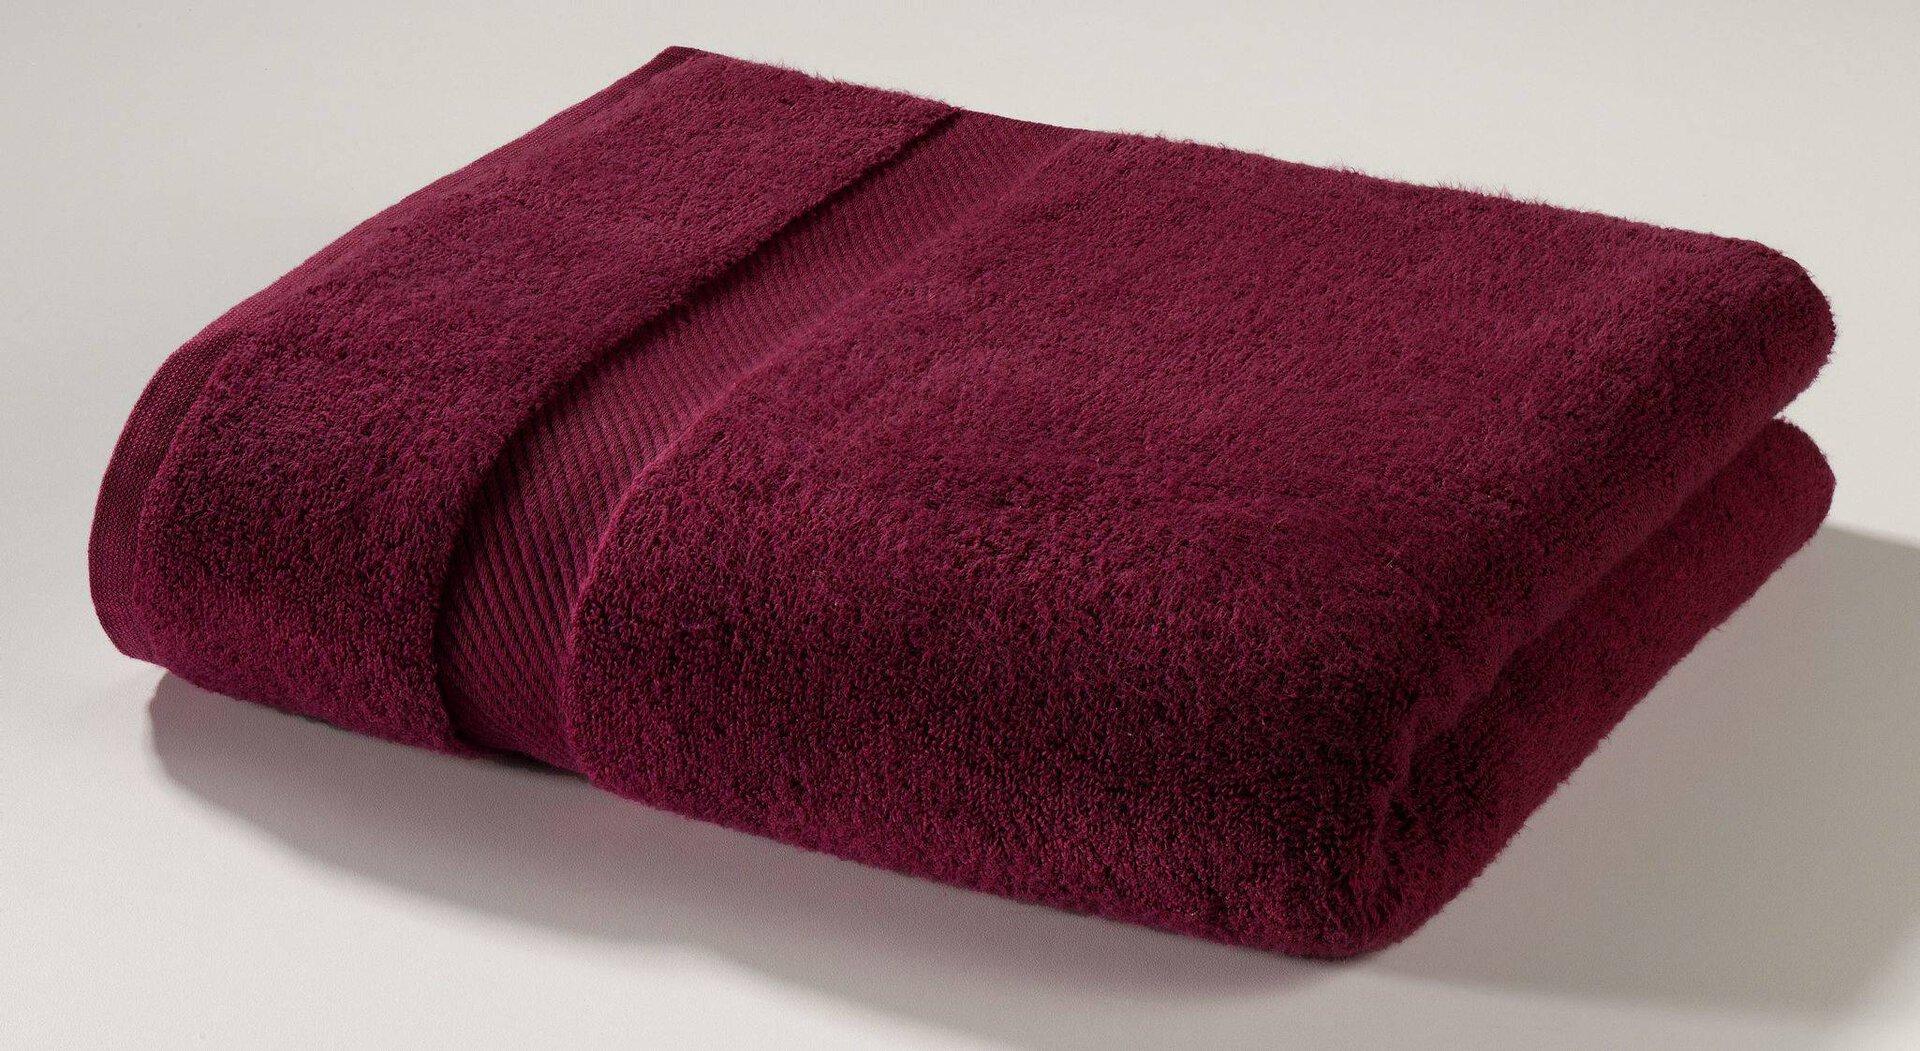 Duschtuch Micro Baumwolle Casa Nova Textil rot 70 x 140 cm